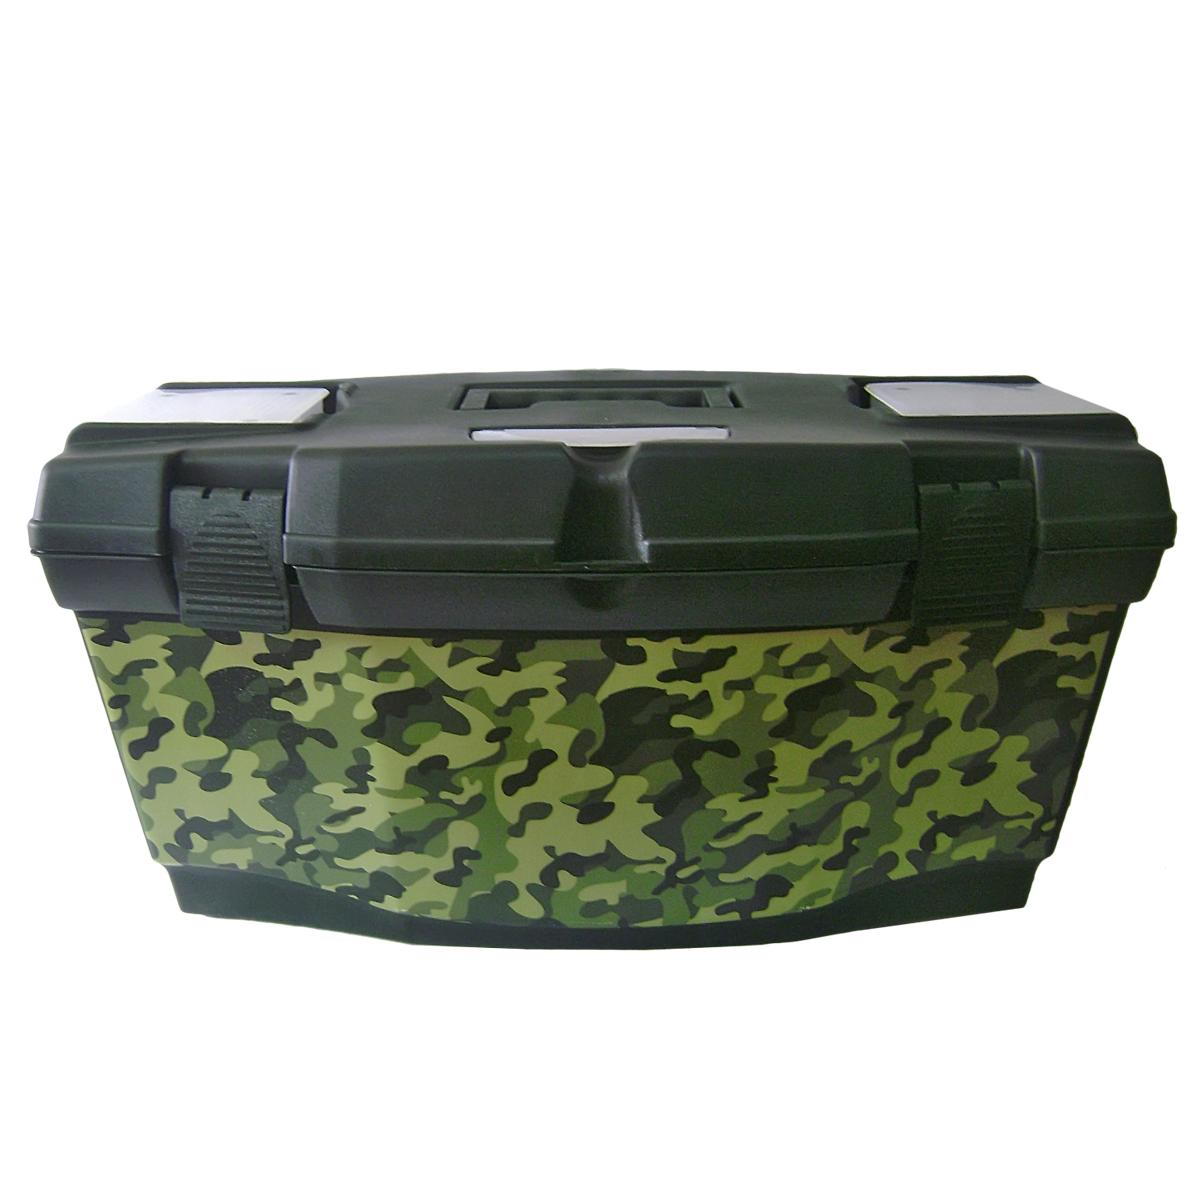 Ящик для инструментов Blocker Master Tour. Камуфляж, цвет: темно-зеленый, 405 х 215 х 230 ммBR3796ТЗЛ-КамуфМногофункциональный ящик Blocker Master Tour. Камуфляж отлично подходит для хранения небольших рыболовных и охотничьих принадлежностей, может быть использован для переноски мангала, посуды и многих вещей, которые могут понадобиться на отдыхе или в путешествии. Ящик изготовлен с применением технологии IML (вплавляемая этикетка), что придает ему привлекательный внешний вид и указывает потребителю на его функциональное назначение.